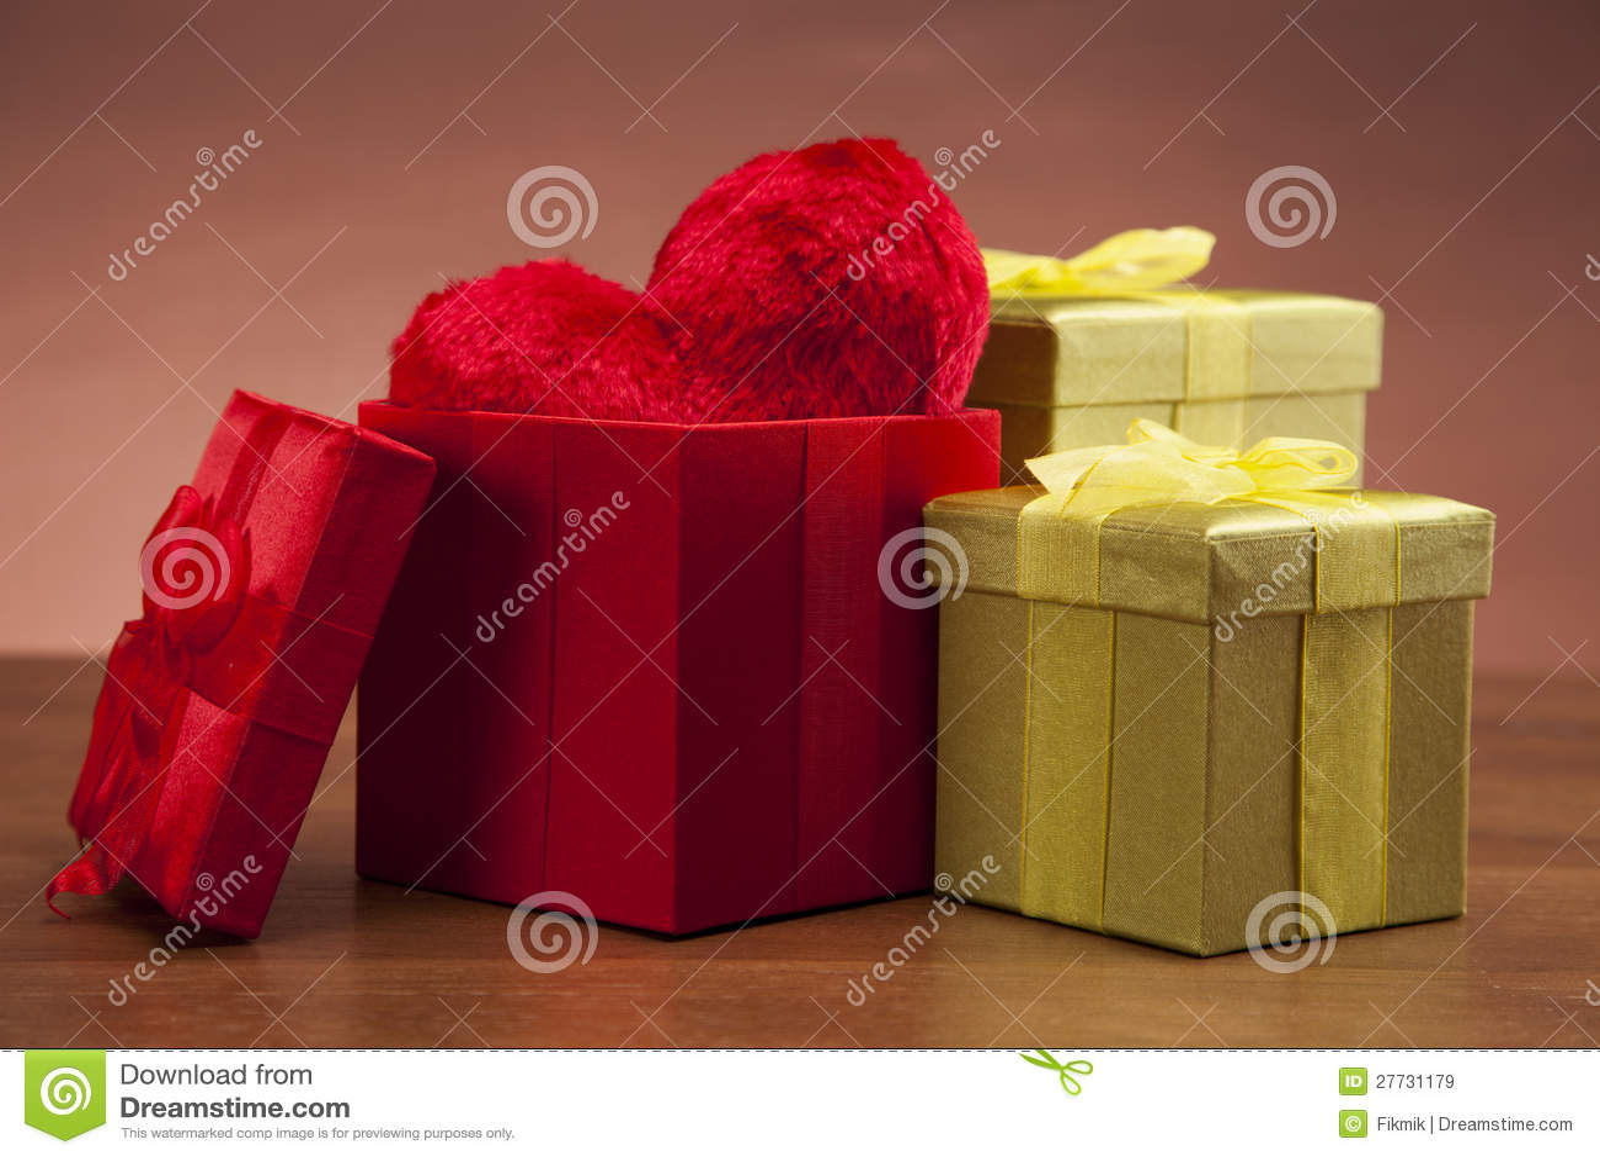 Schöne Geschenke und Inneres!